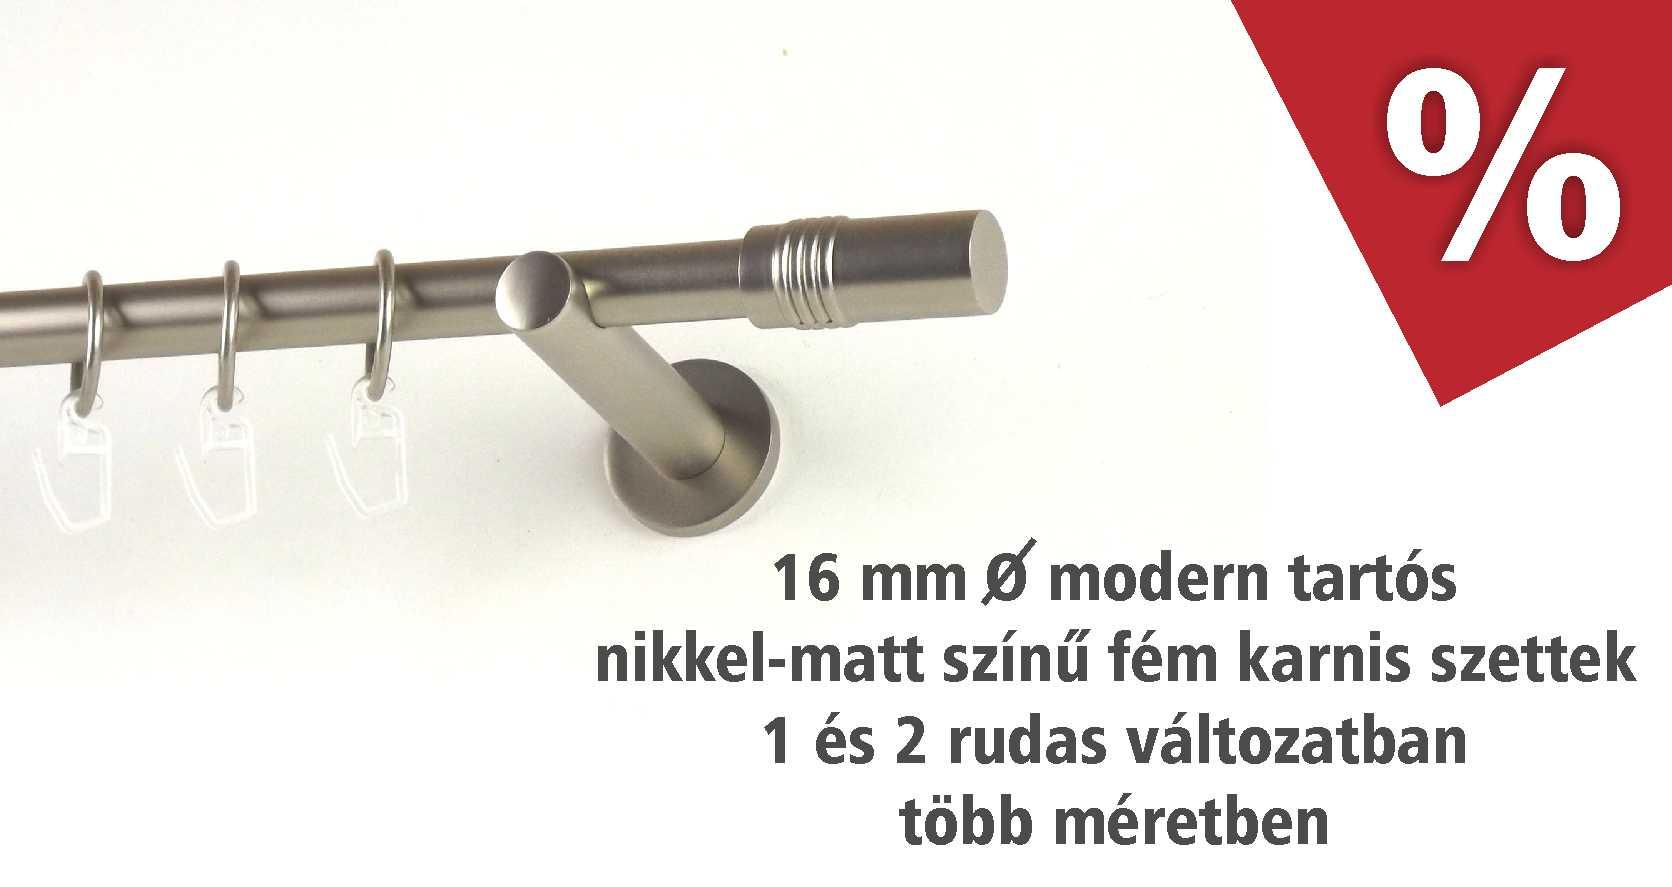 Modern tartós óarany színű fém karnis szettek kedvezményes áron, több méretben, 1 és 2 rudas változatban - www.karnisstudio.hu